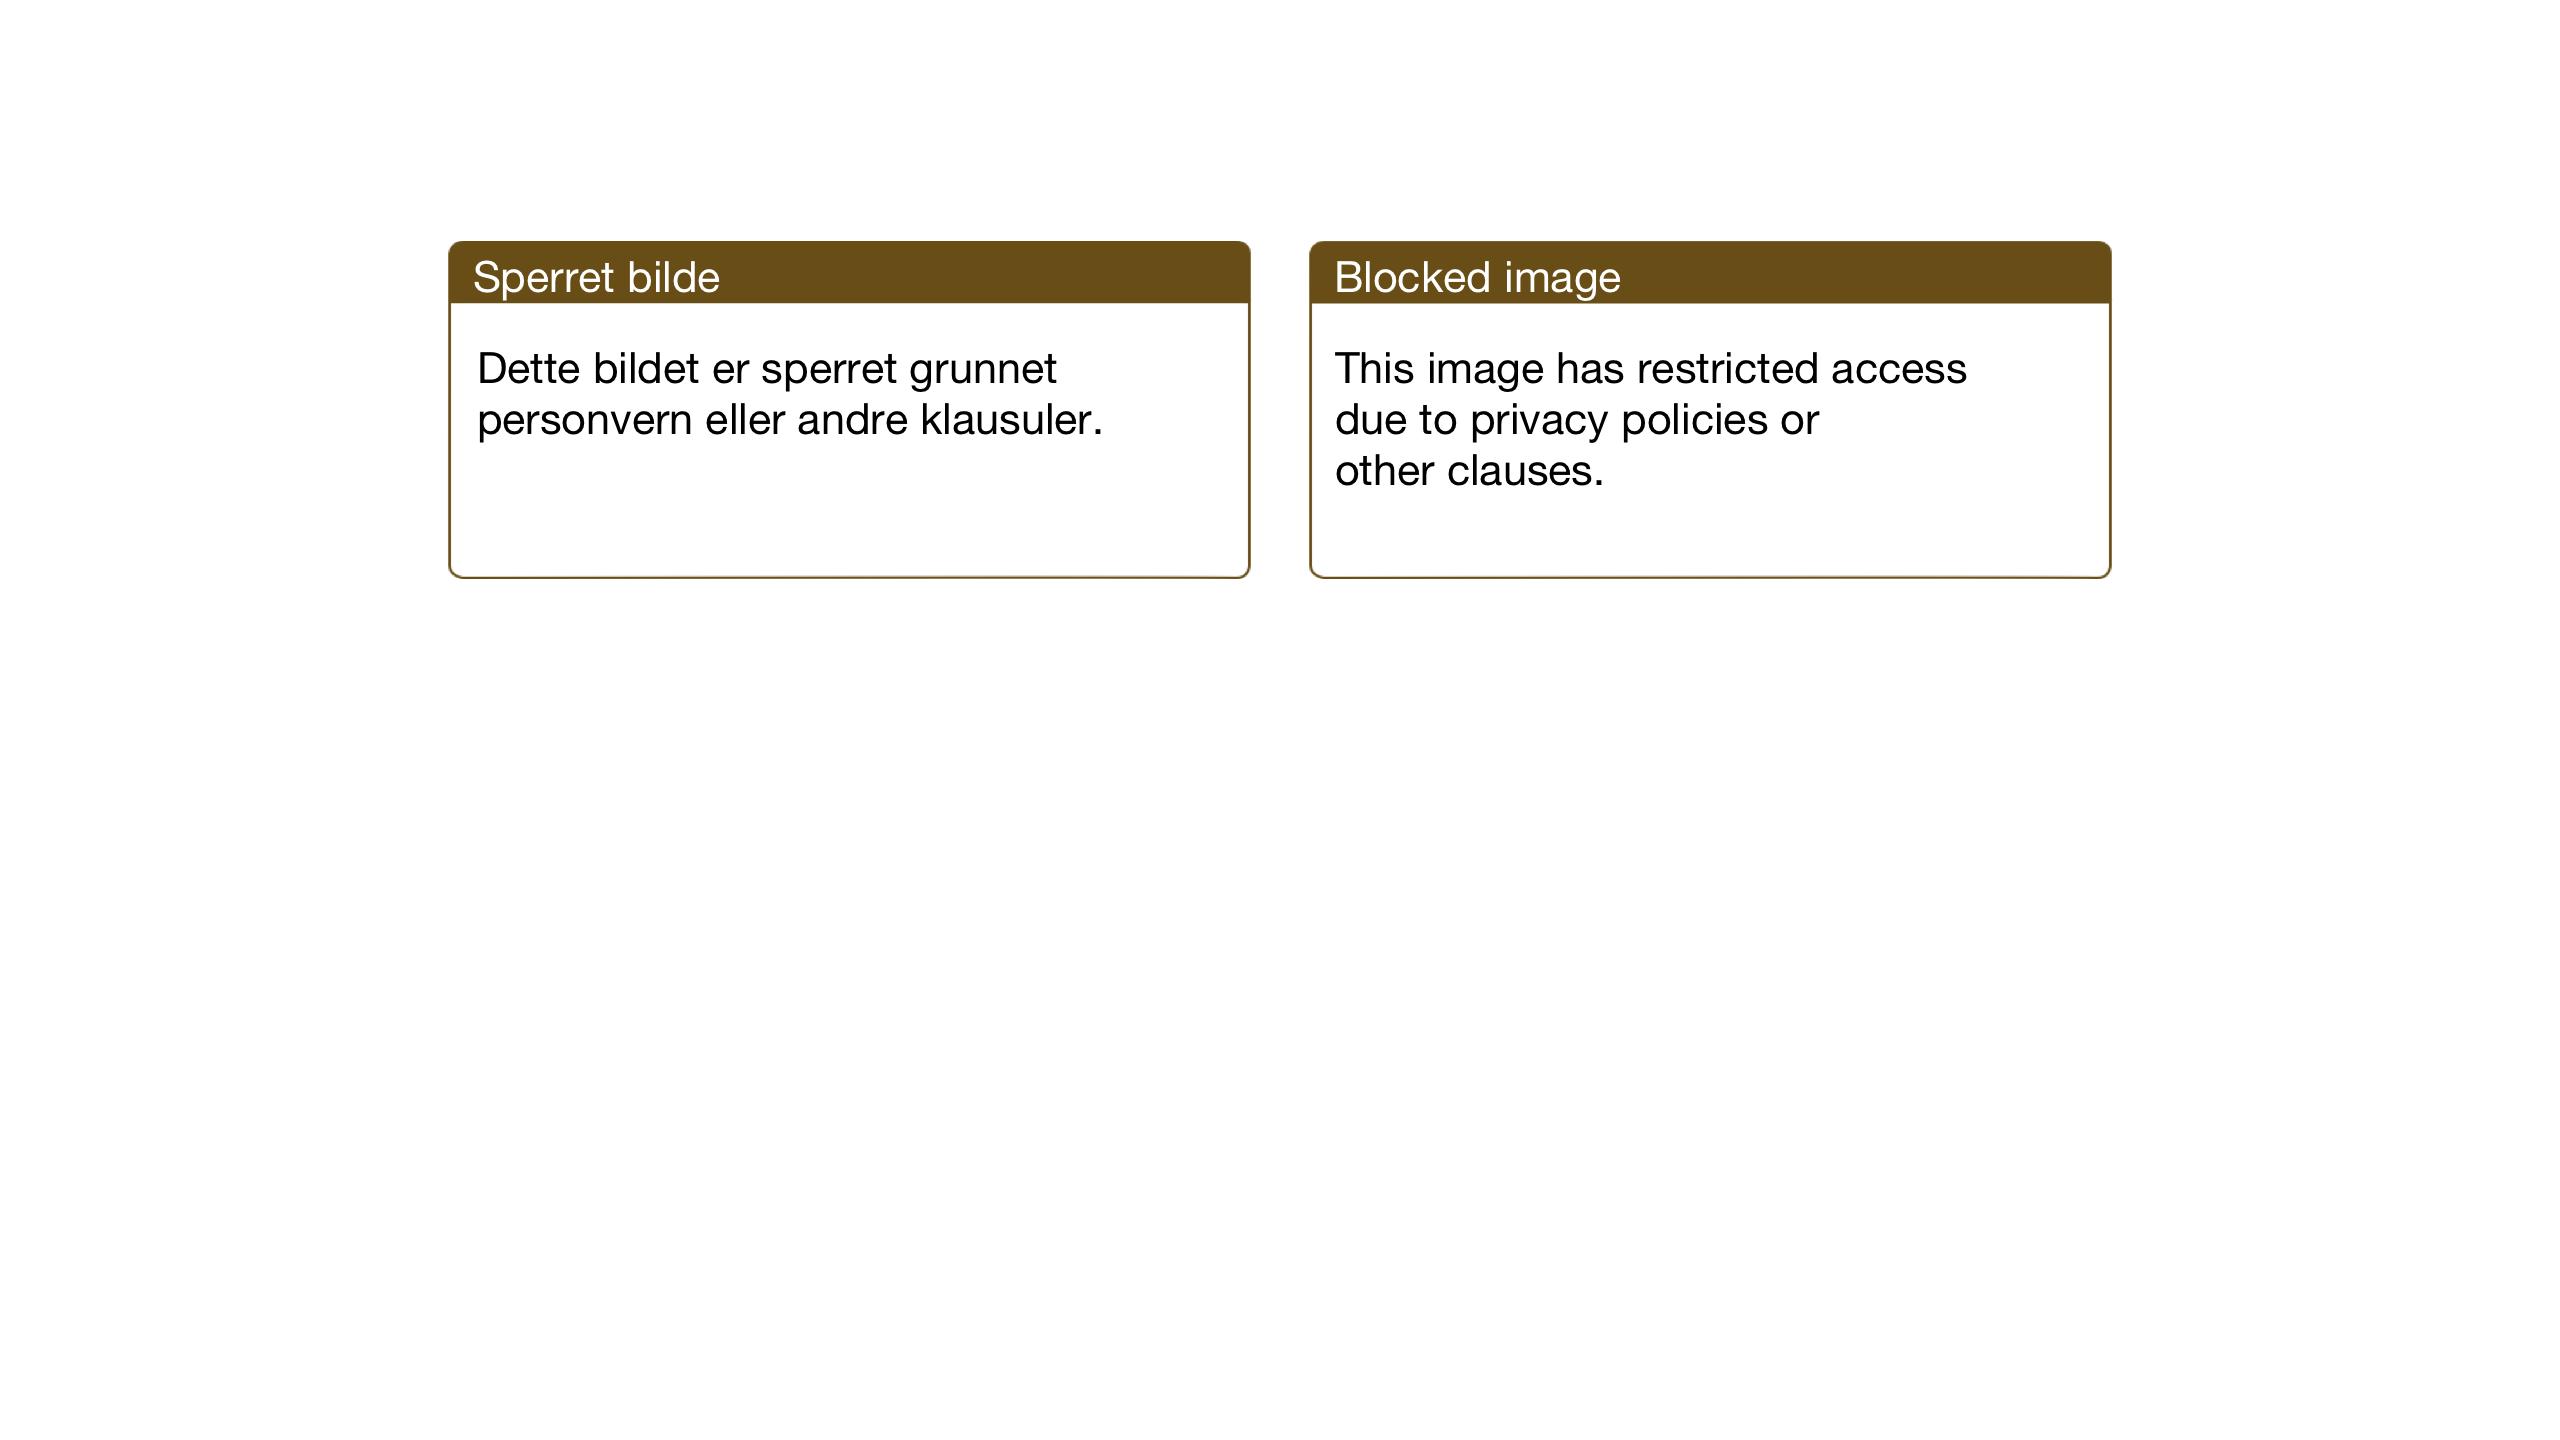 SAT, Ministerialprotokoller, klokkerbøker og fødselsregistre - Sør-Trøndelag, 667/L0799: Klokkerbok nr. 667C04, 1929-1950, s. 53